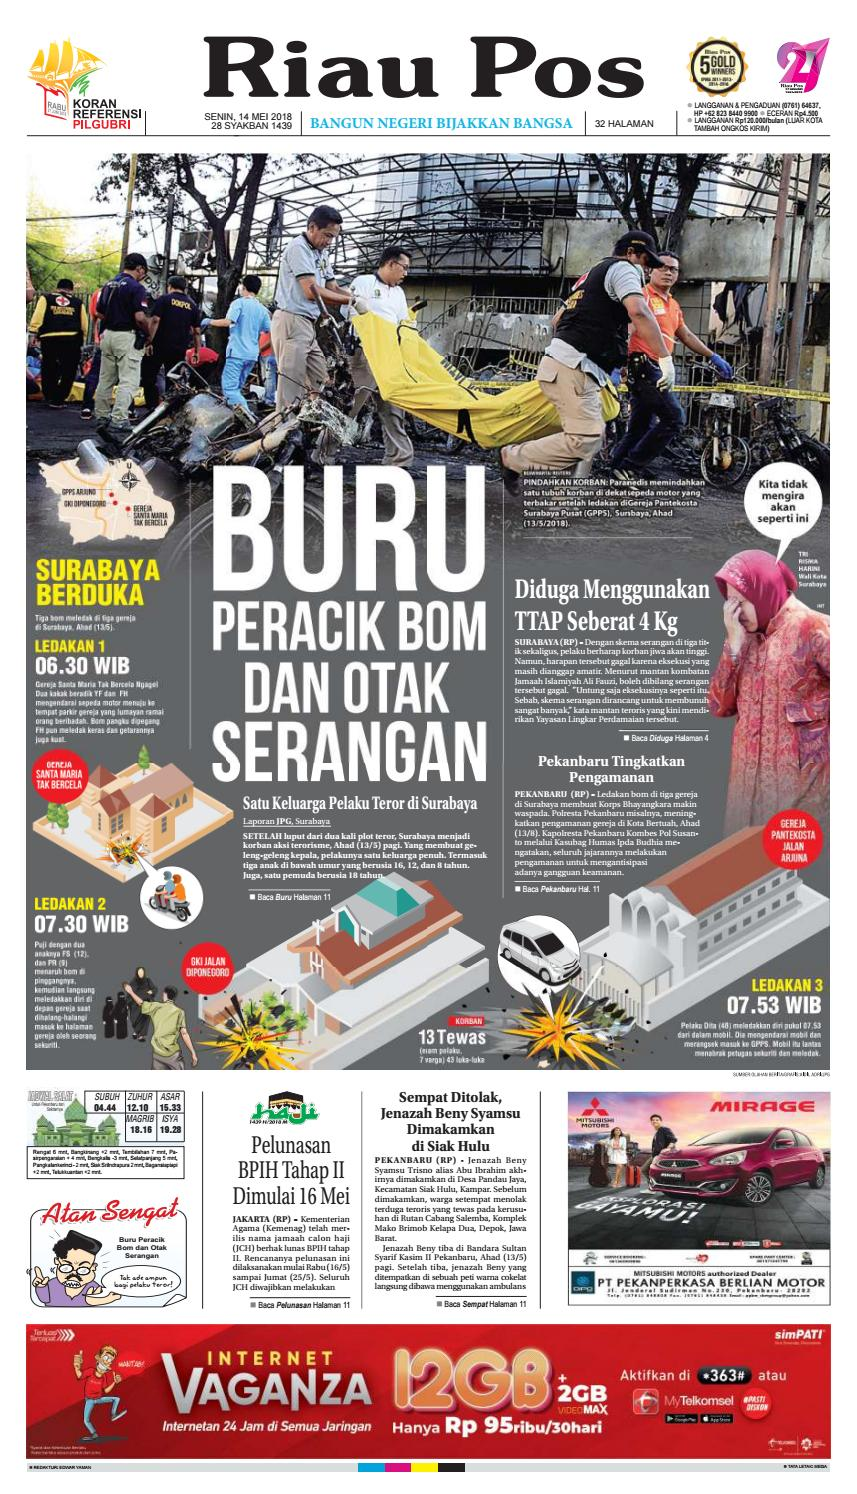 2018 05 14 By Riau Pos Issuu